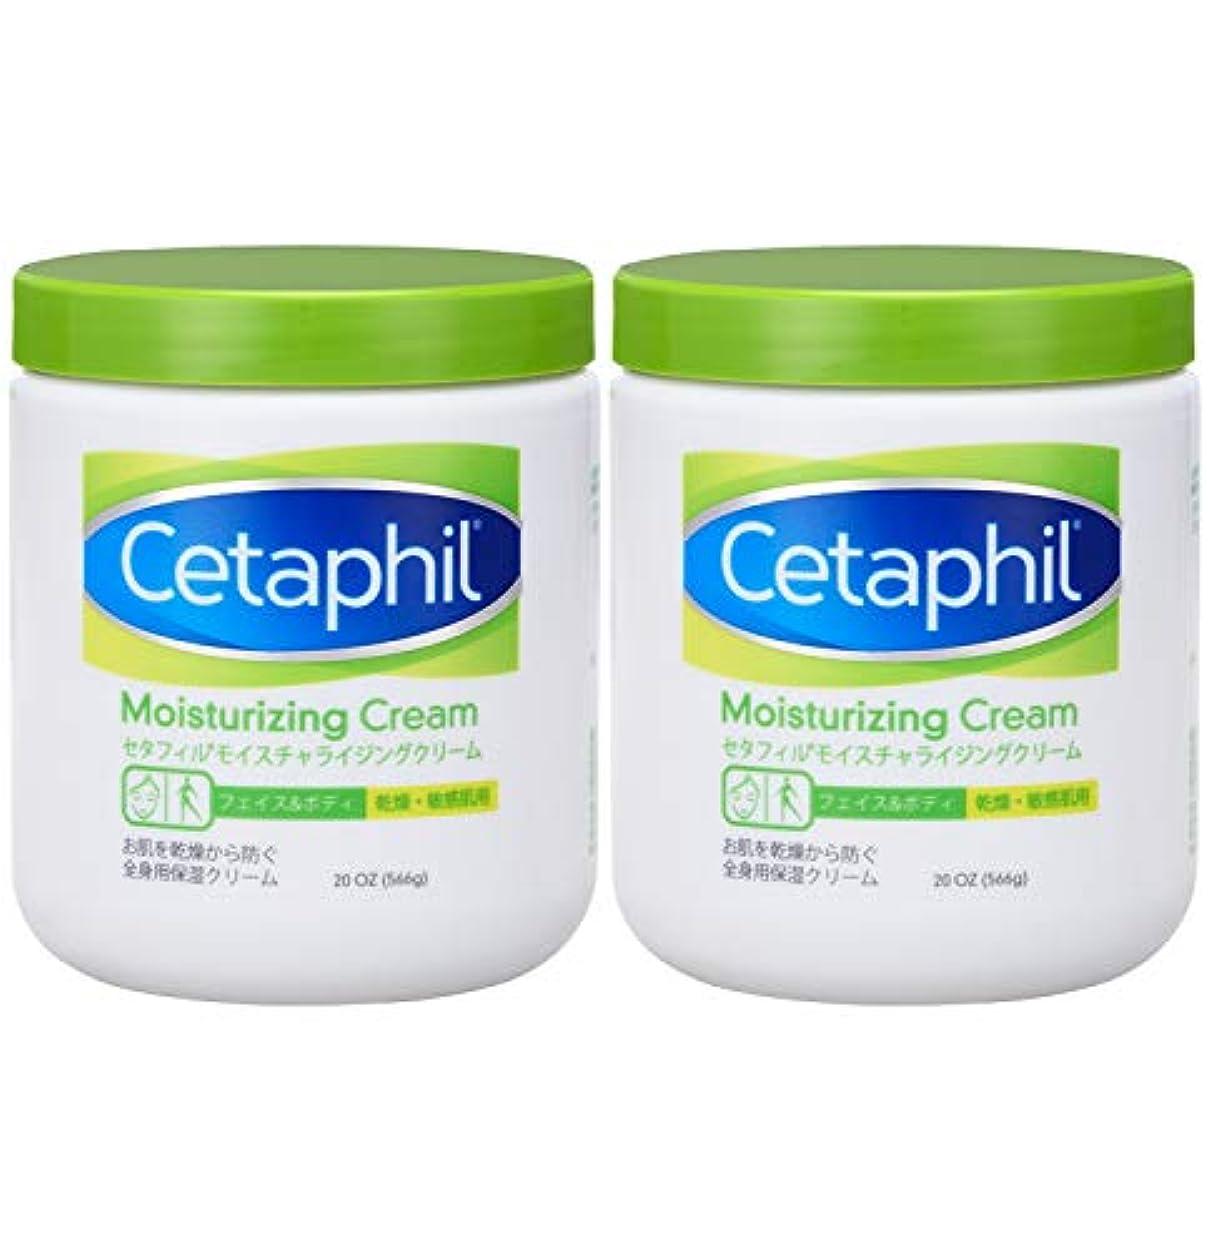 写真のみ路地セタフィル Cetaphil ® モイスチャライジングクリーム 566ml 2本組 ( フェイス & ボディ 保湿クリーム クリーム )